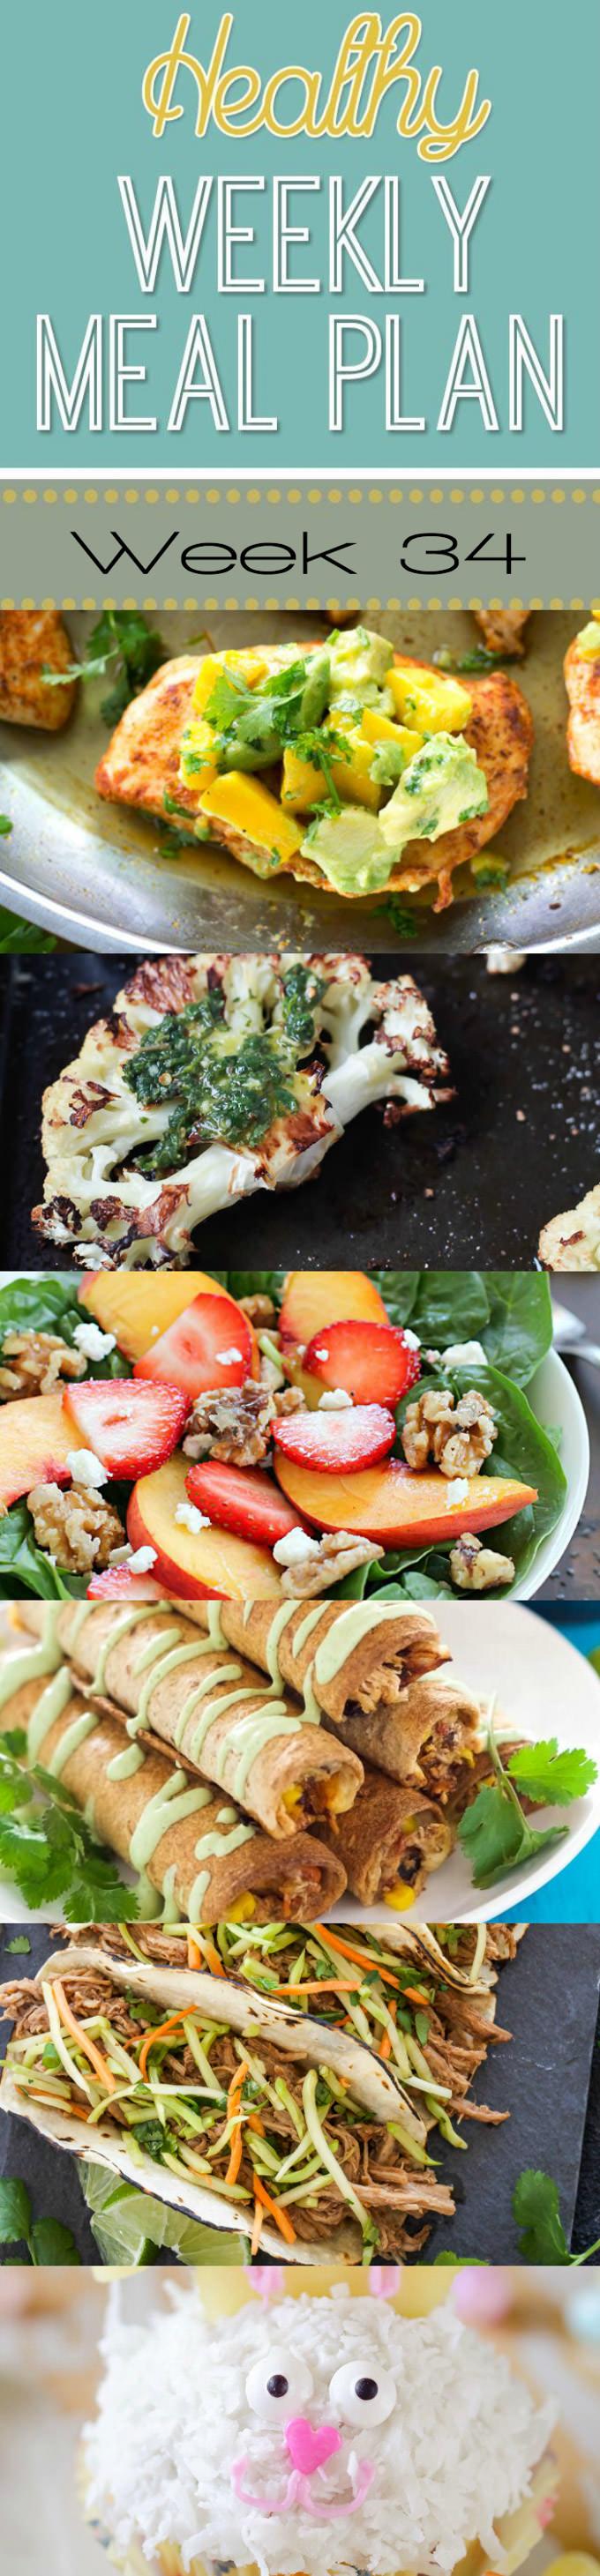 Healthy-Weekly-Meal-Plan-34-Vertical